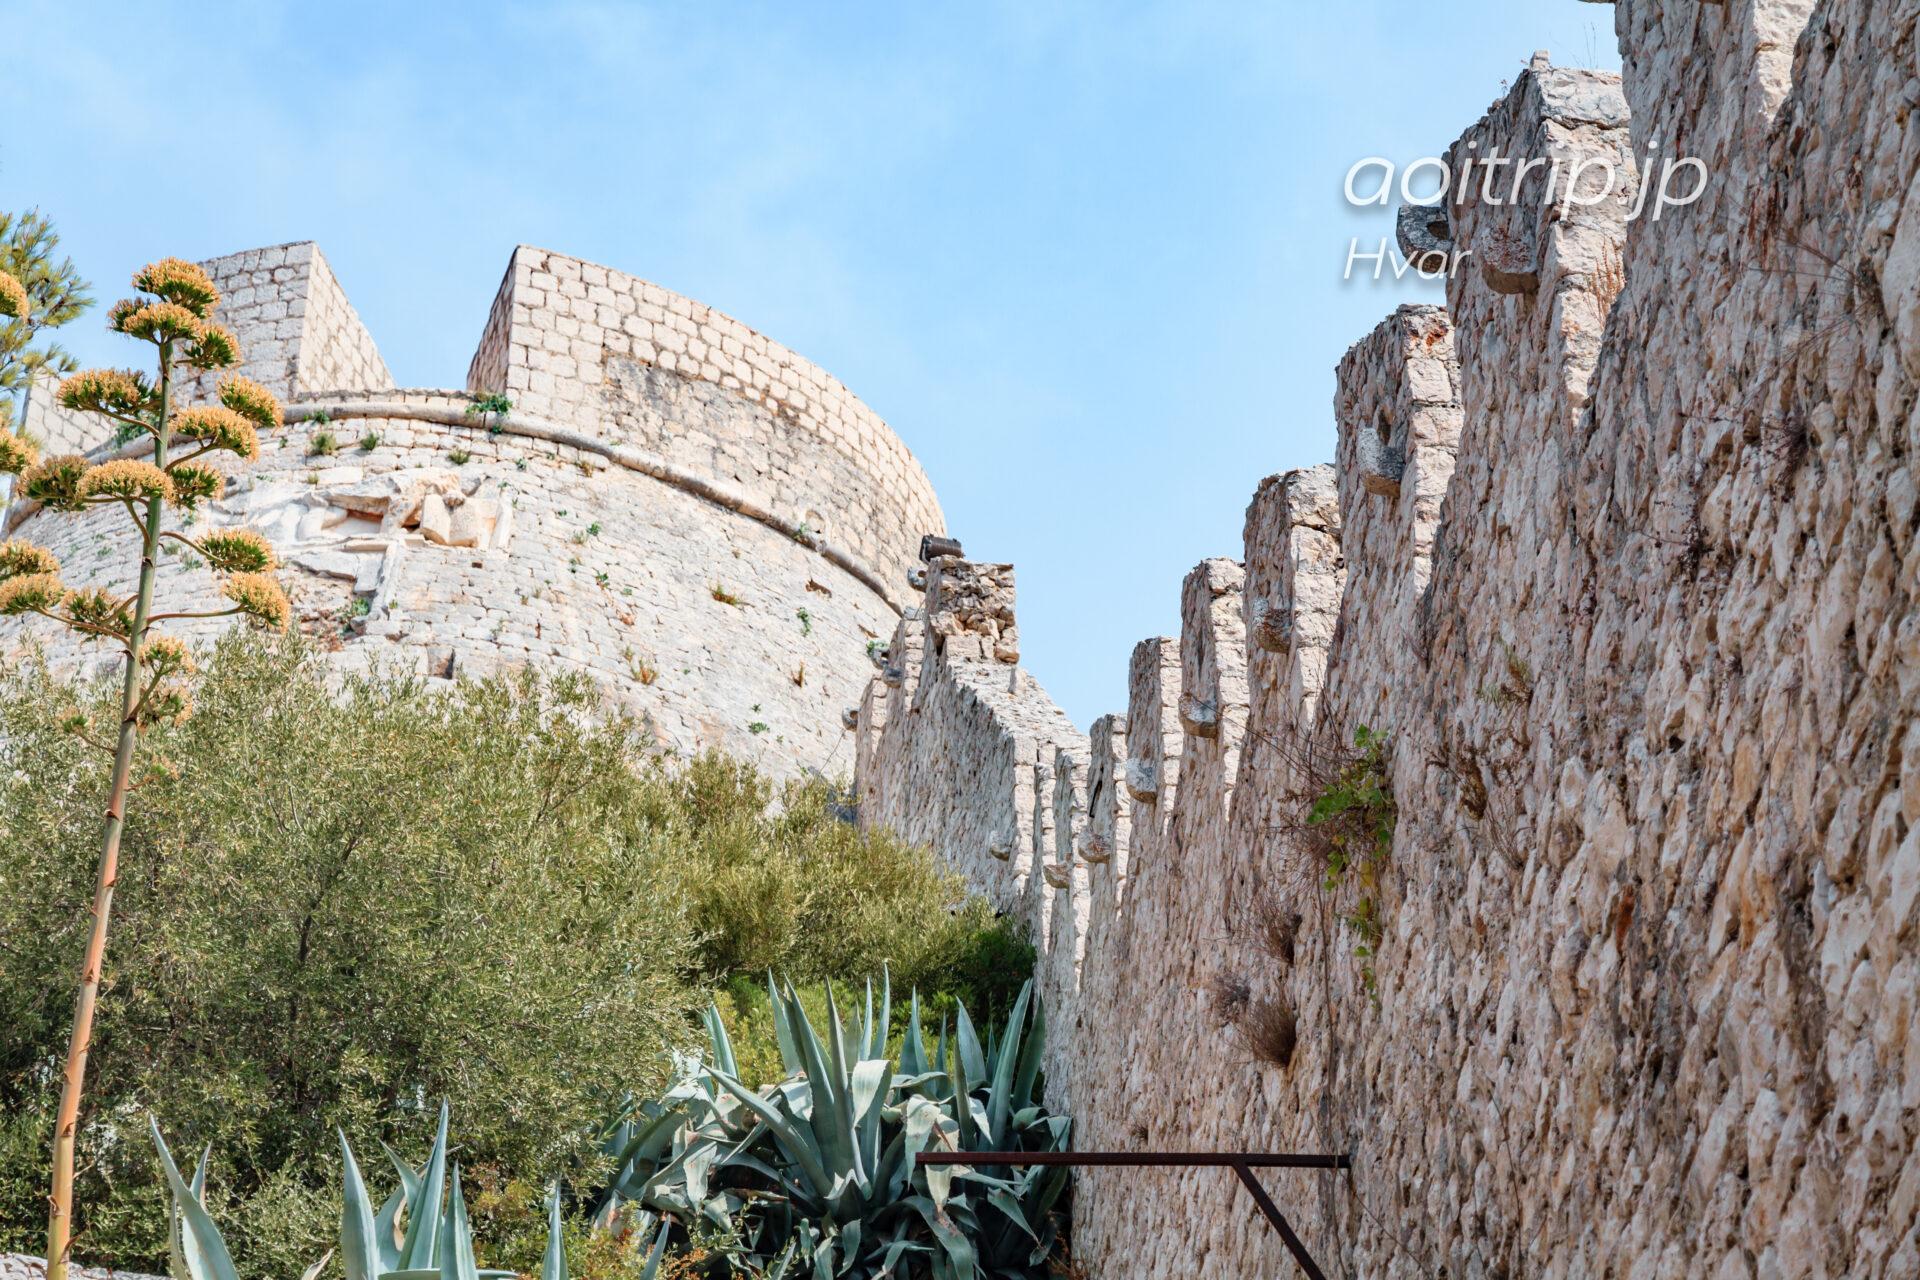 フヴァル要塞の城壁